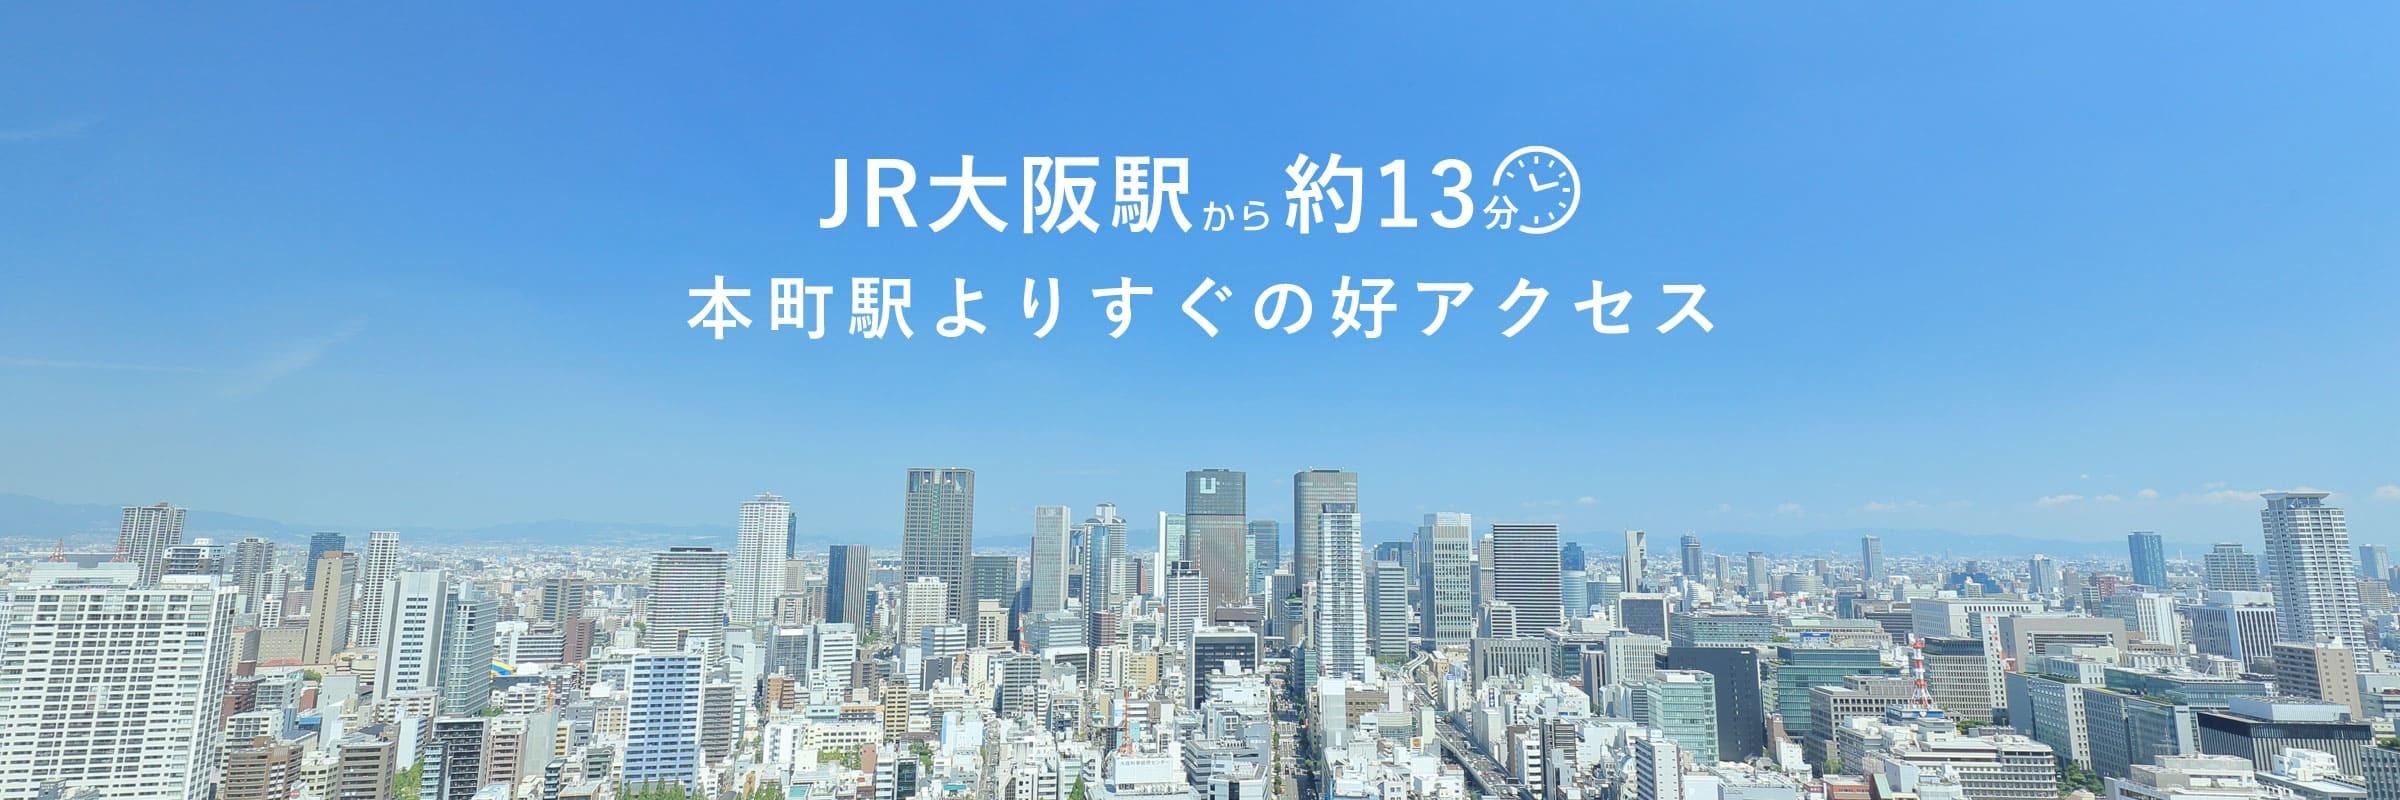 大阪クロススクエアは本町駅から徒歩2分の貸し会議室・フリースペースです。